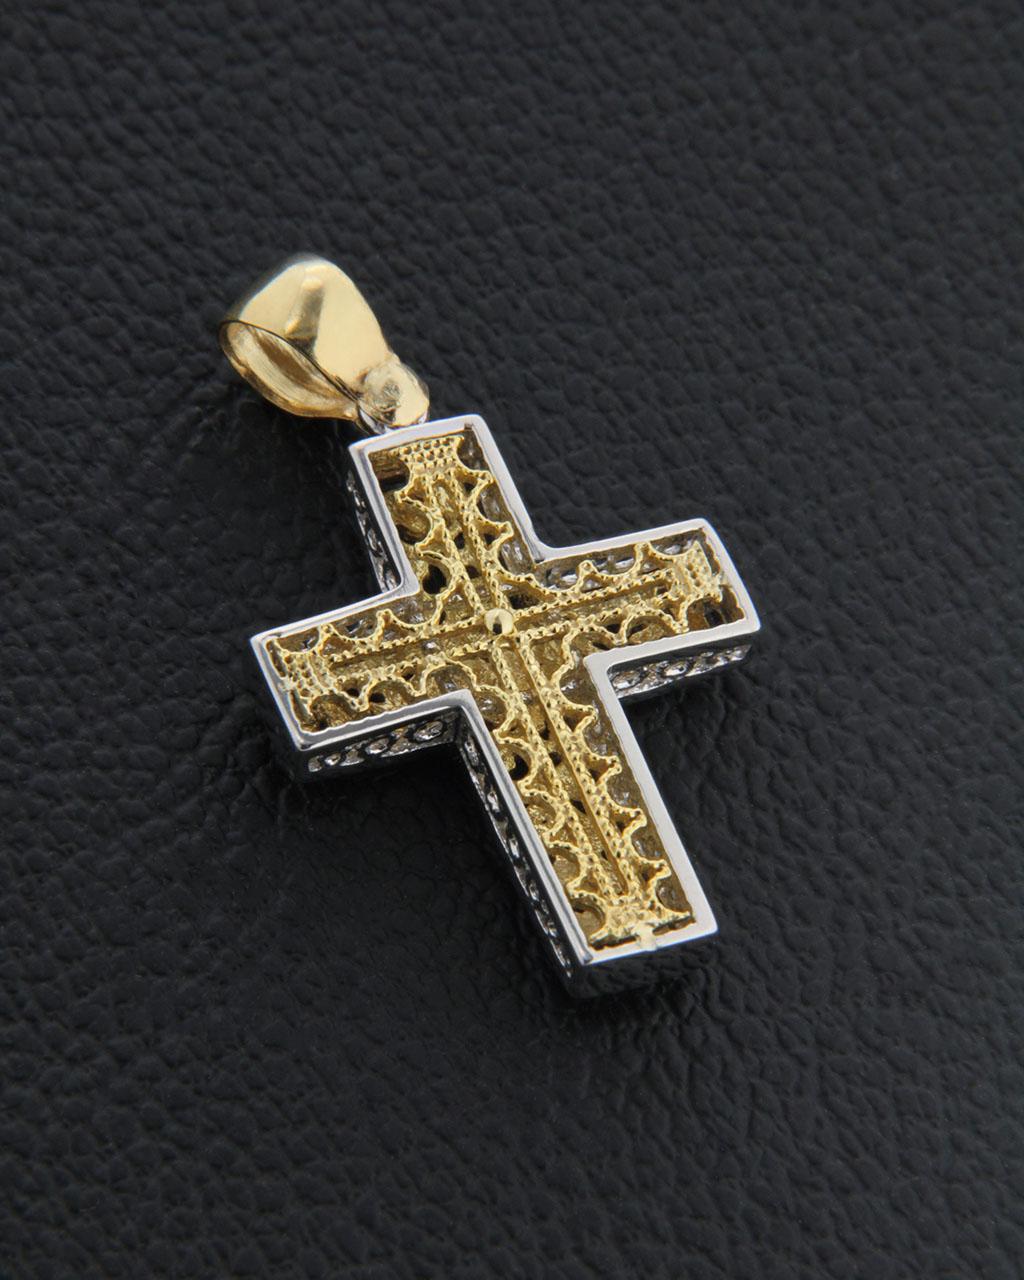 Σταυρός βάπτισης χρυσός & λευκόχρυσος Κ14 δύο όψεων   παιδι βαπτιστικοί σταυροί βαπτιστικοί σταυροί για αγόρι